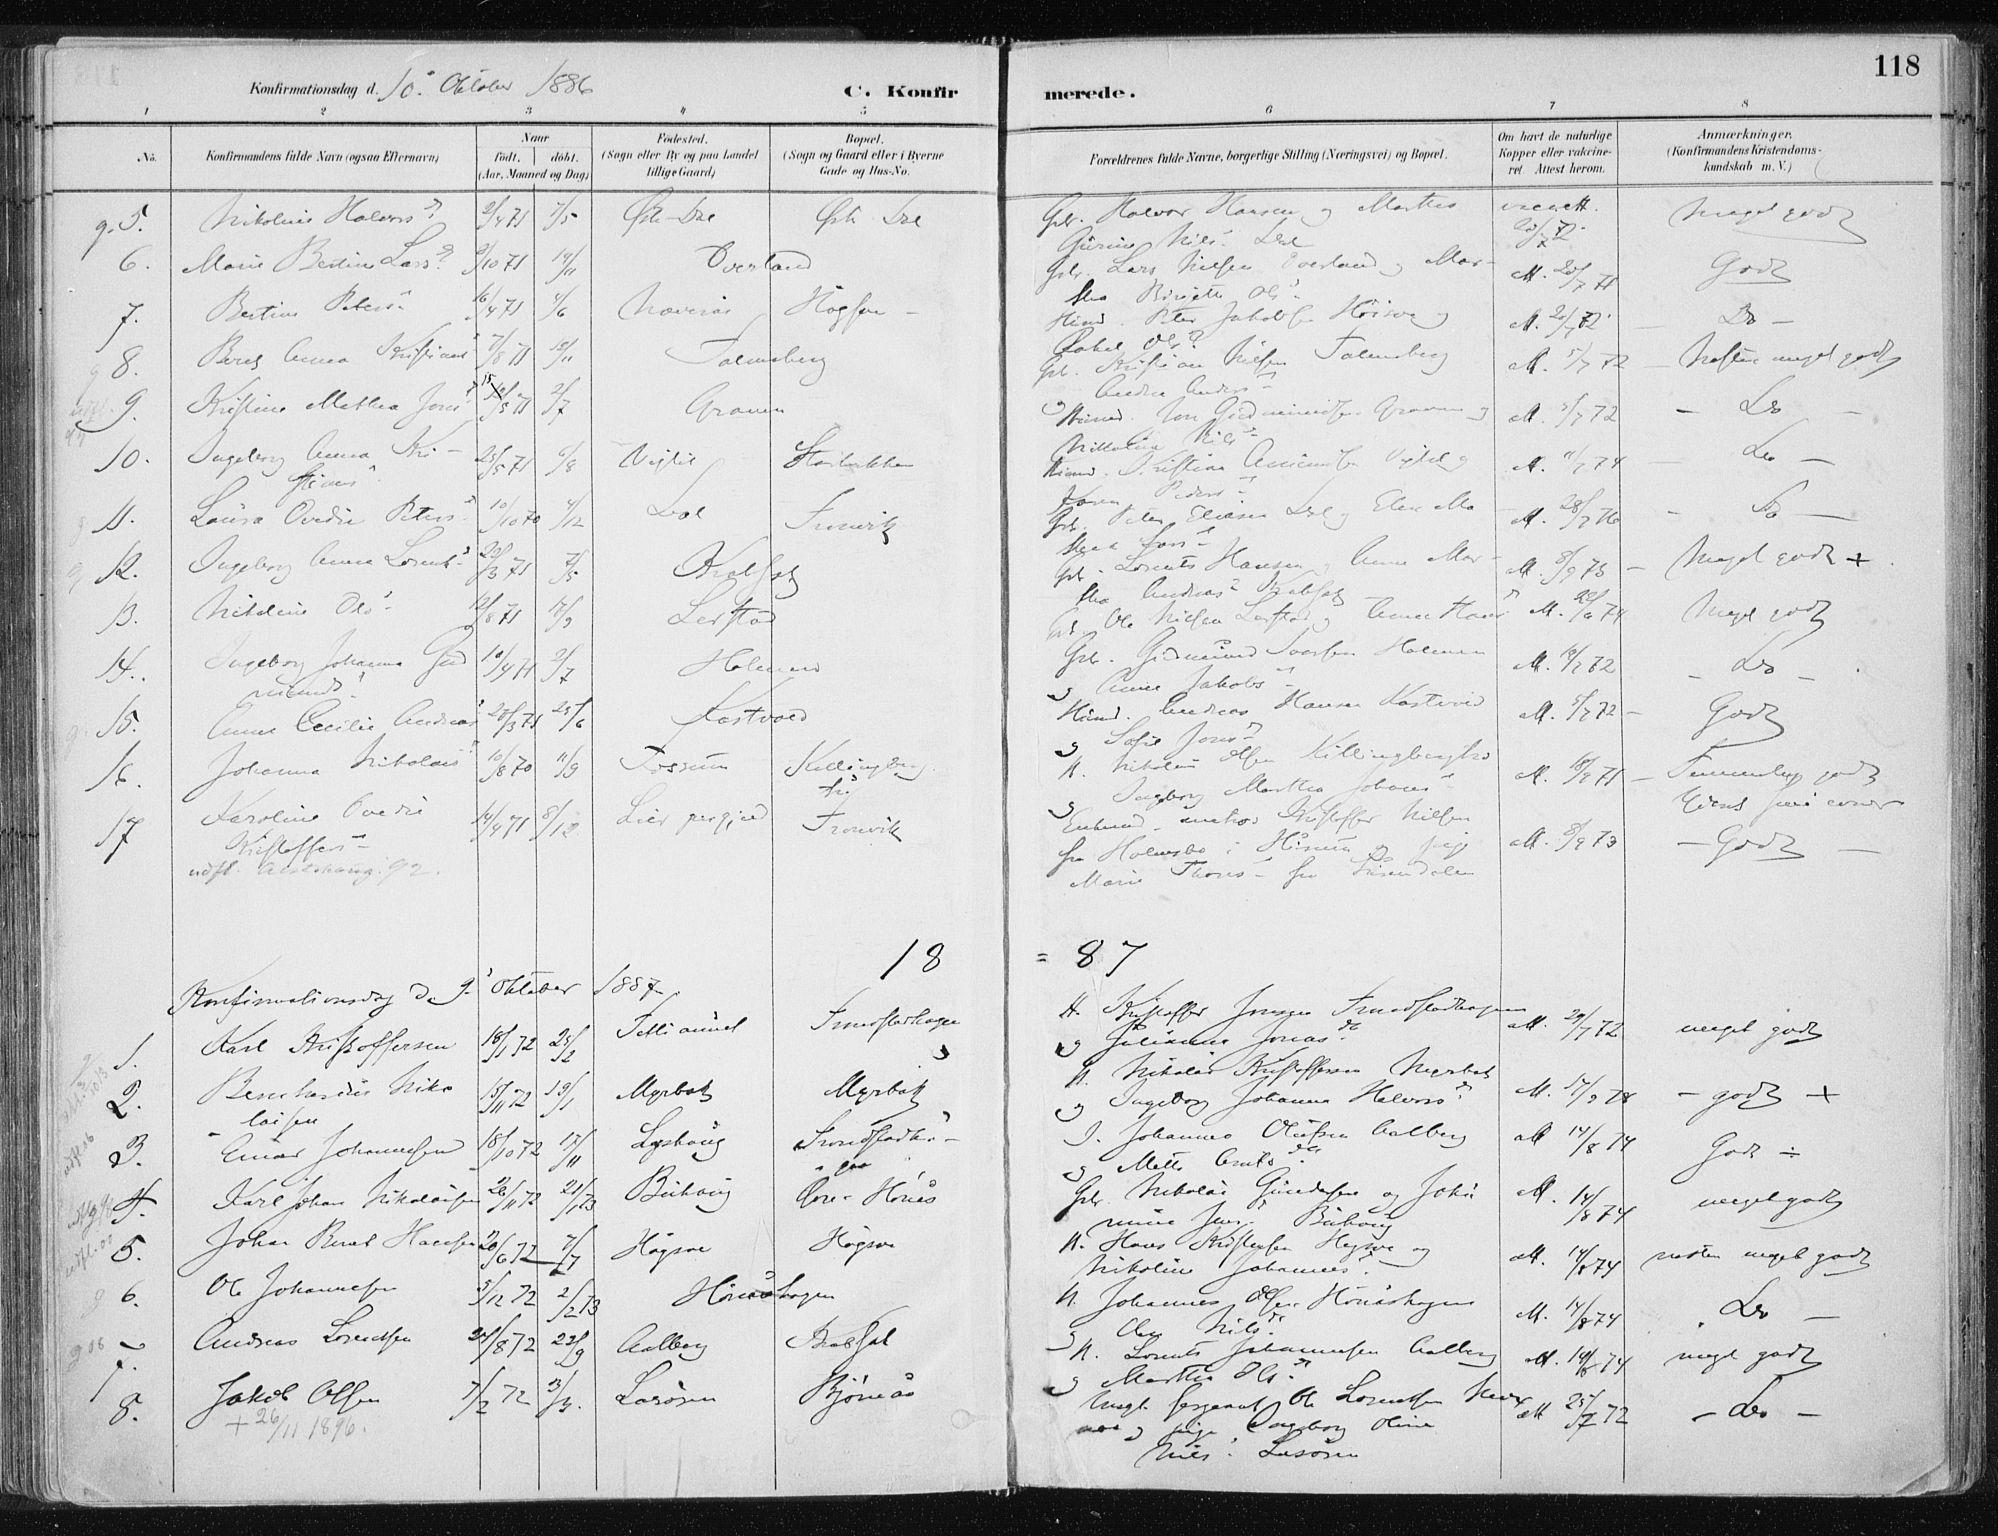 SAT, Ministerialprotokoller, klokkerbøker og fødselsregistre - Nord-Trøndelag, 701/L0010: Ministerialbok nr. 701A10, 1883-1899, s. 118